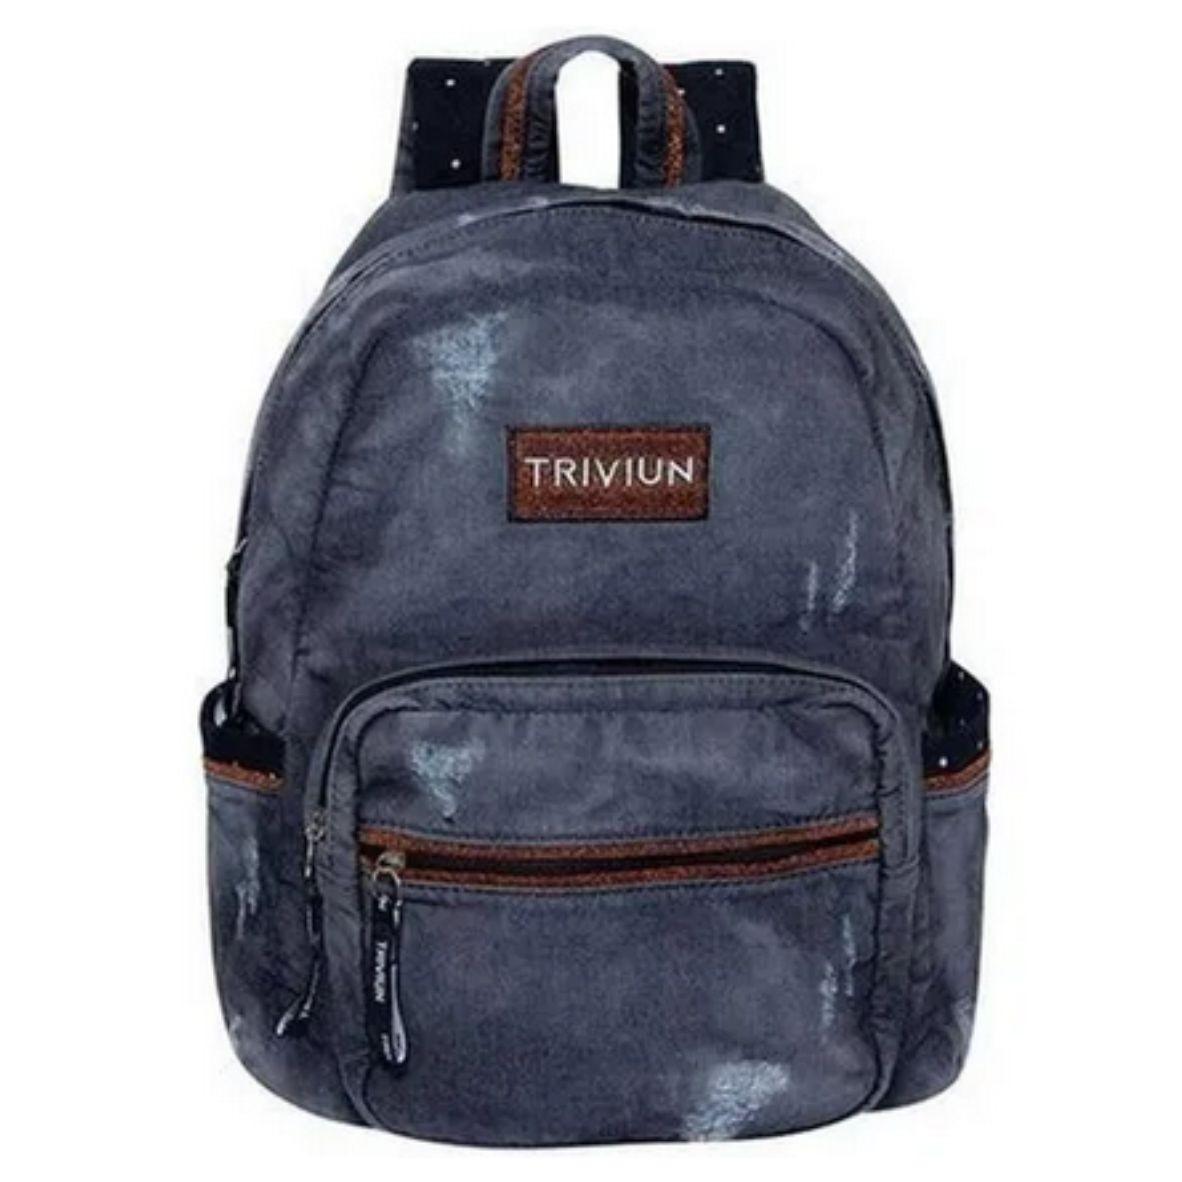 Mochila Trivium Jeans Blue